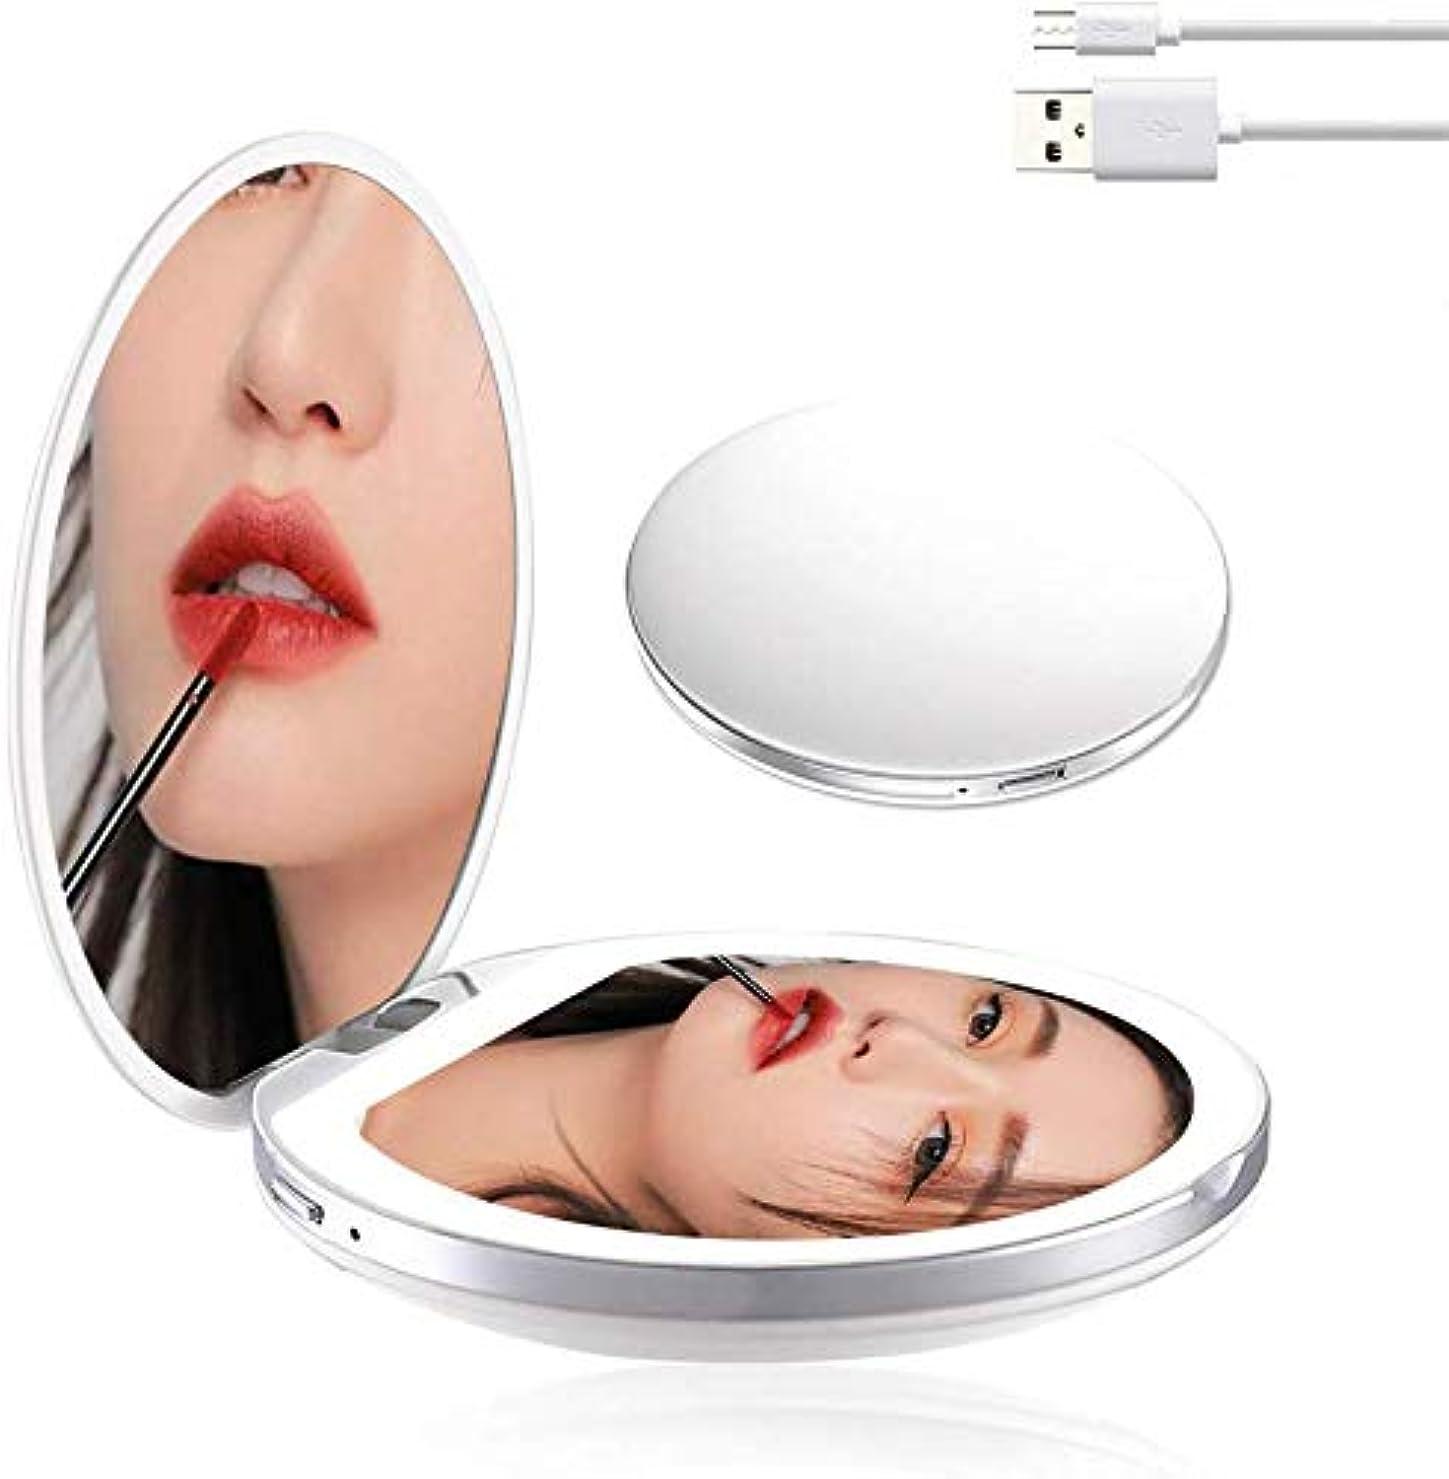 に負ける危険を冒します証人携帯ミラー 化粧鏡 LED手鏡 両面ミラー 折り畳み式鏡 コンパクトミラー 3倍拡大 持ちやすい ファッション 便利軽量 ファッション USB充電 明るさ調節可能 (ホワイト)